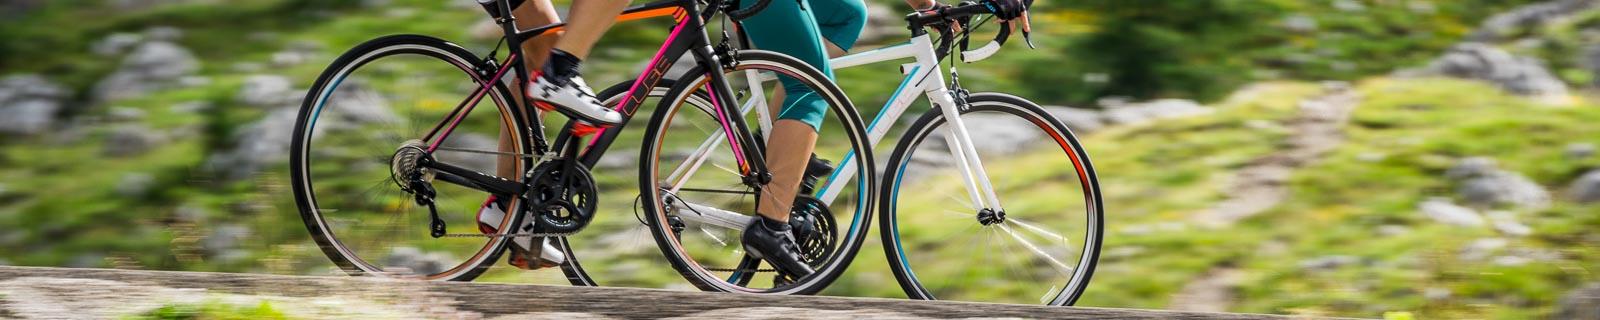 Damen Rennräder aus Carbon und Aluminium